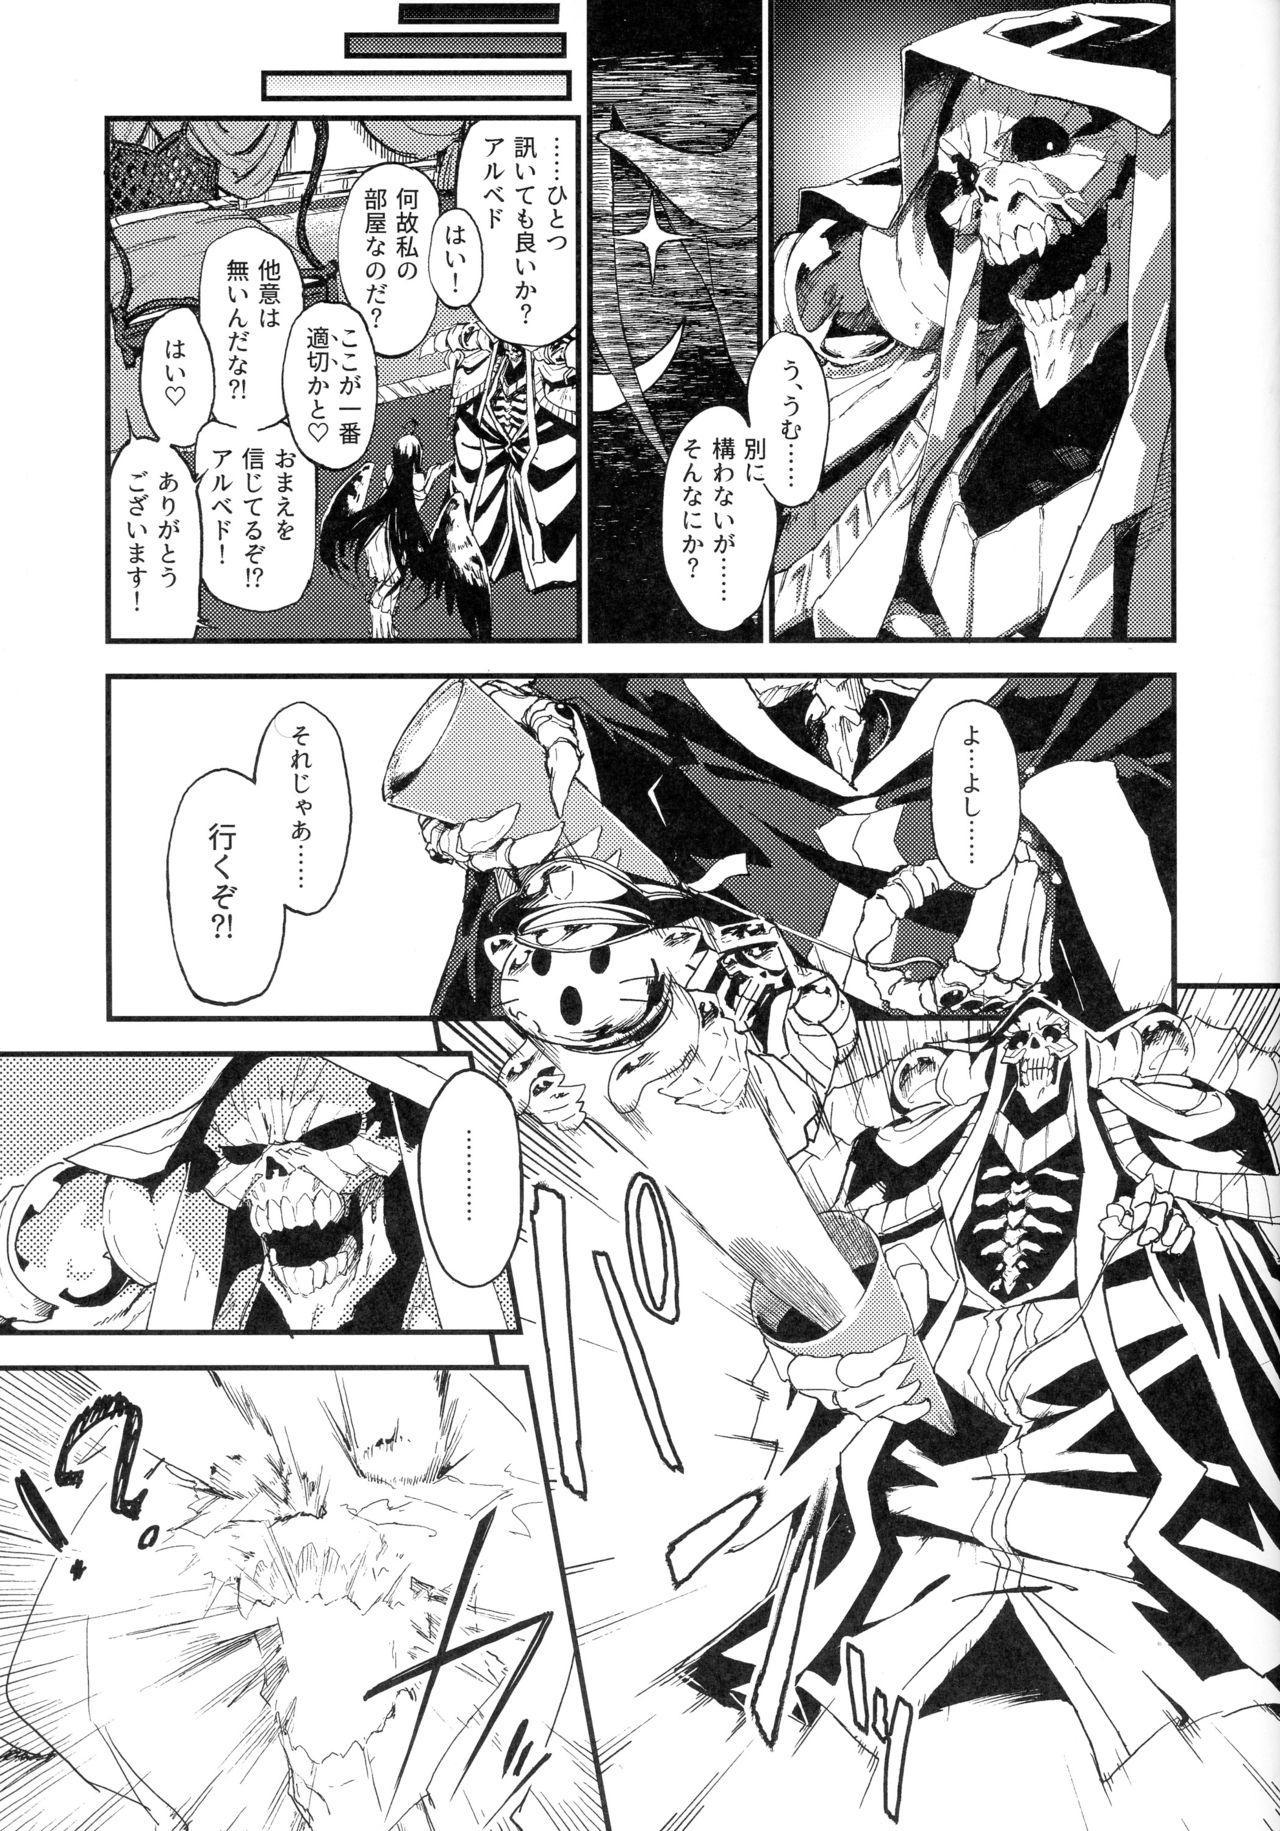 Ainz-sama no Oyotsugi o! 5